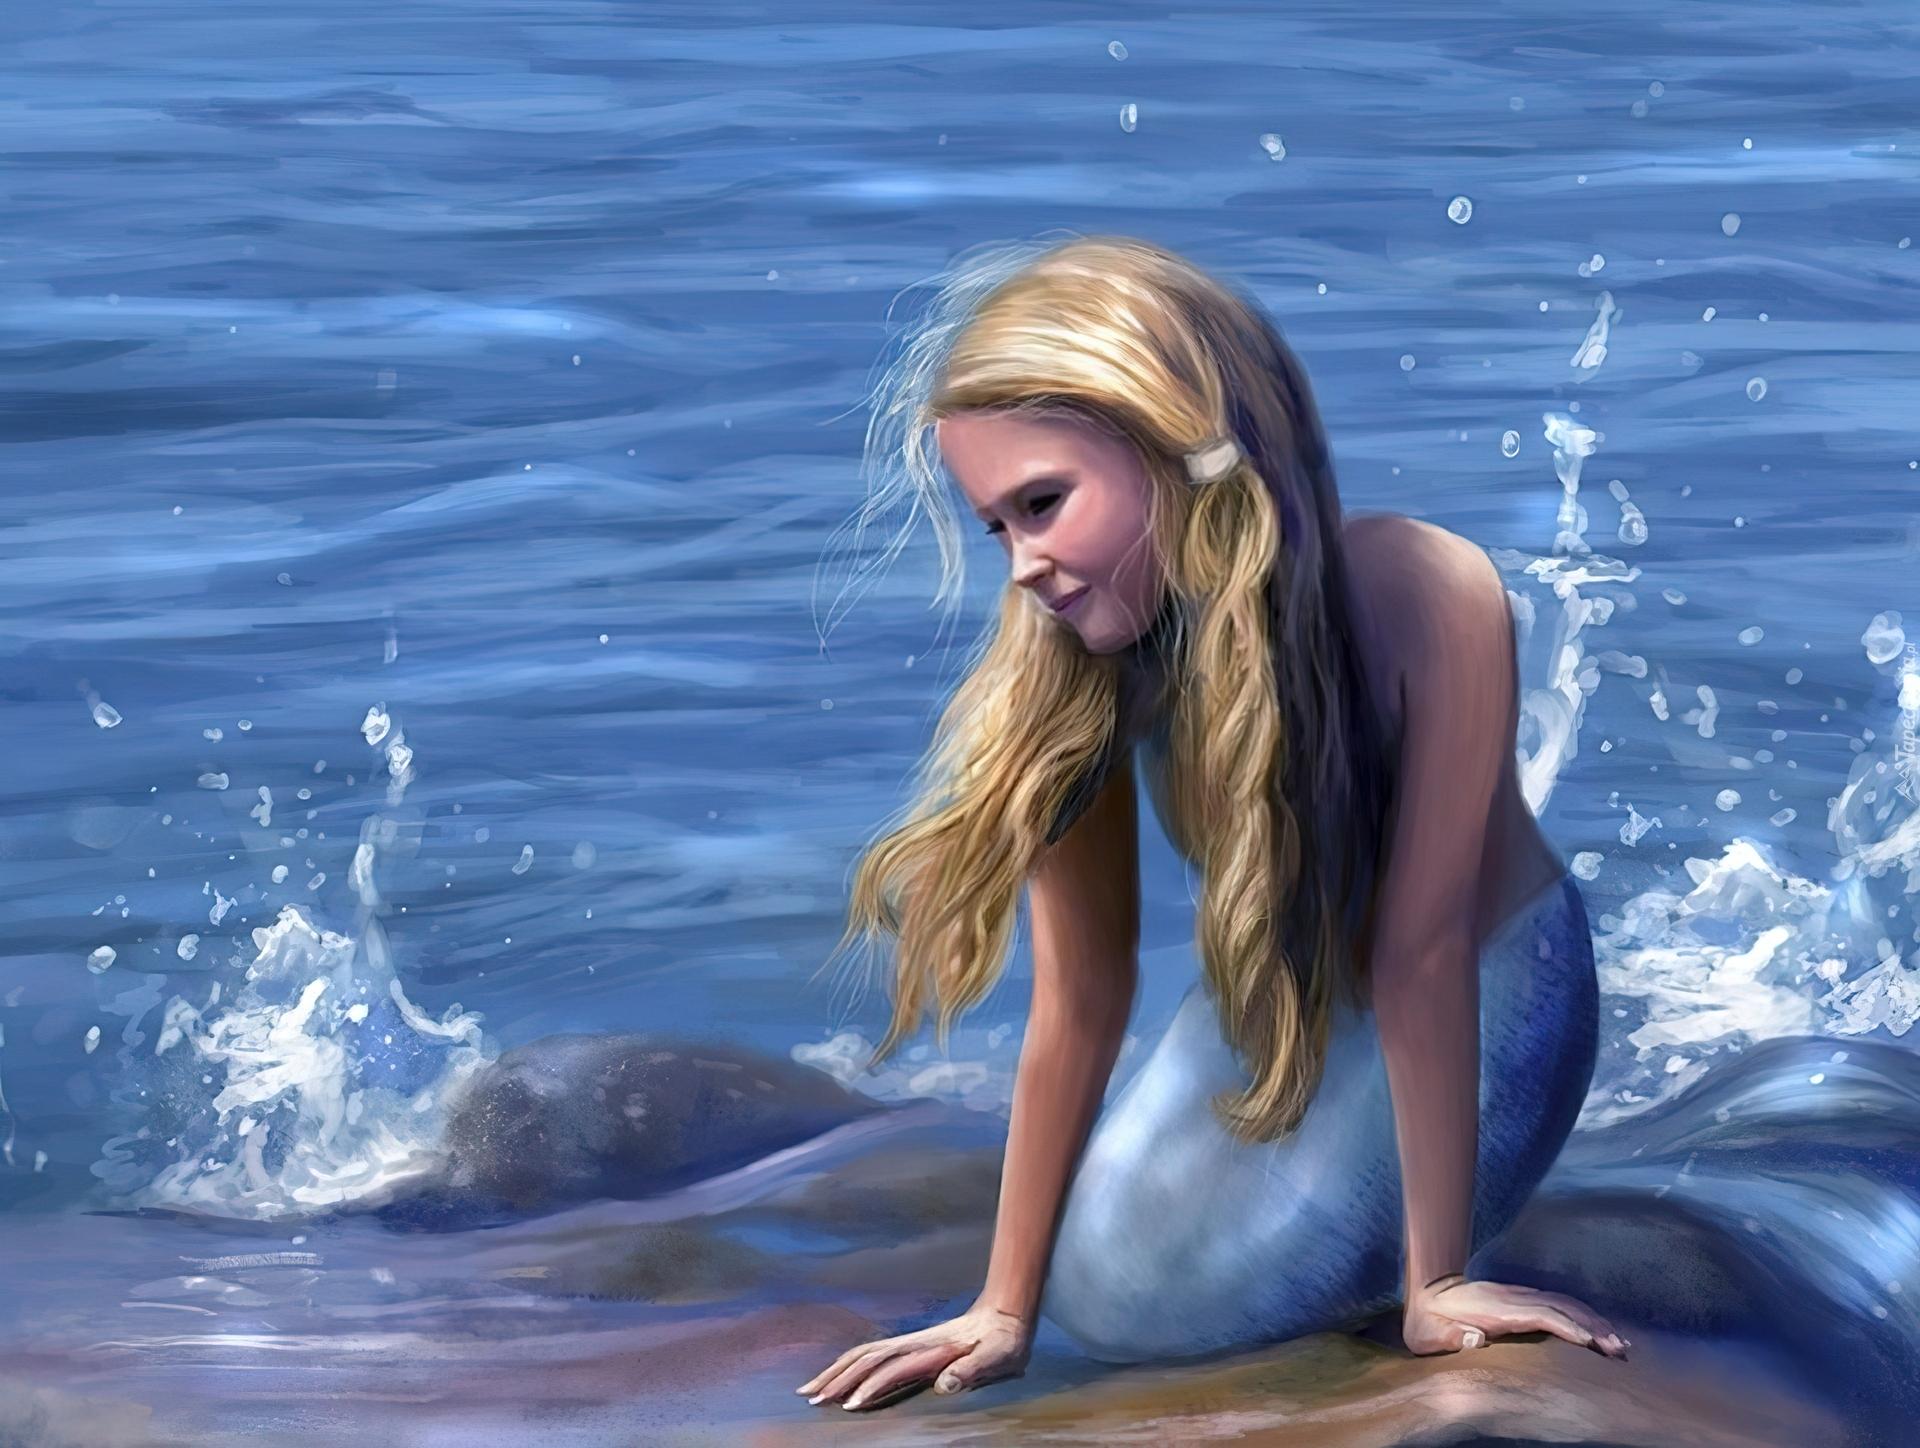 Dziewczyna, Syrenka, Morze